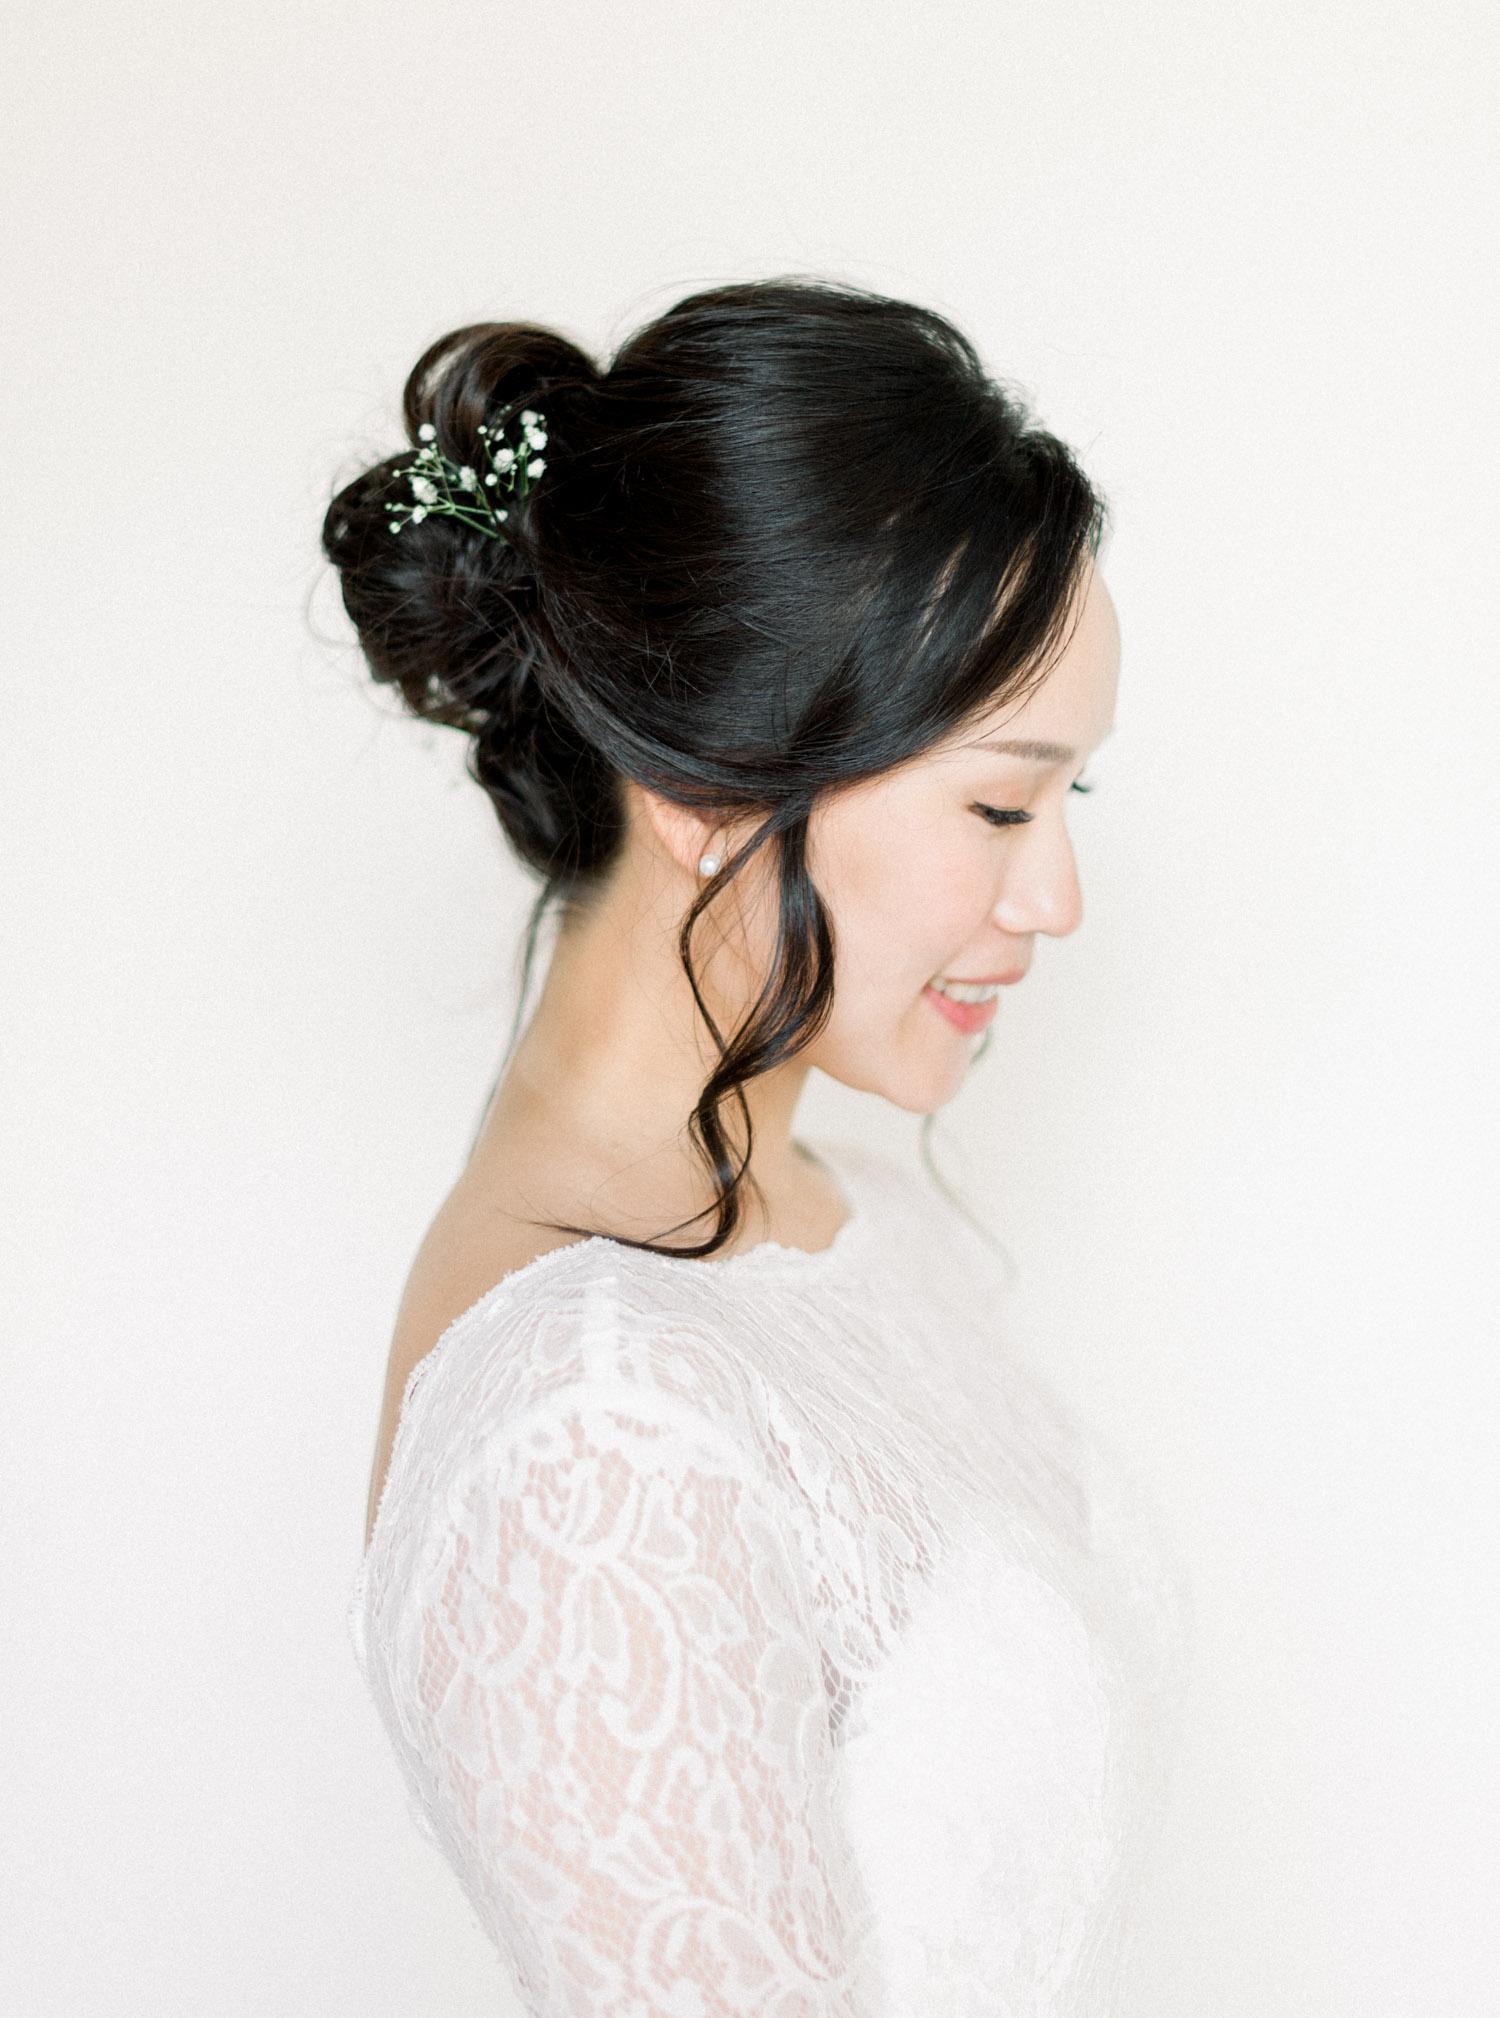 棚拍-旅遊婚紗-旅行婚紗-底片婚紗-mark